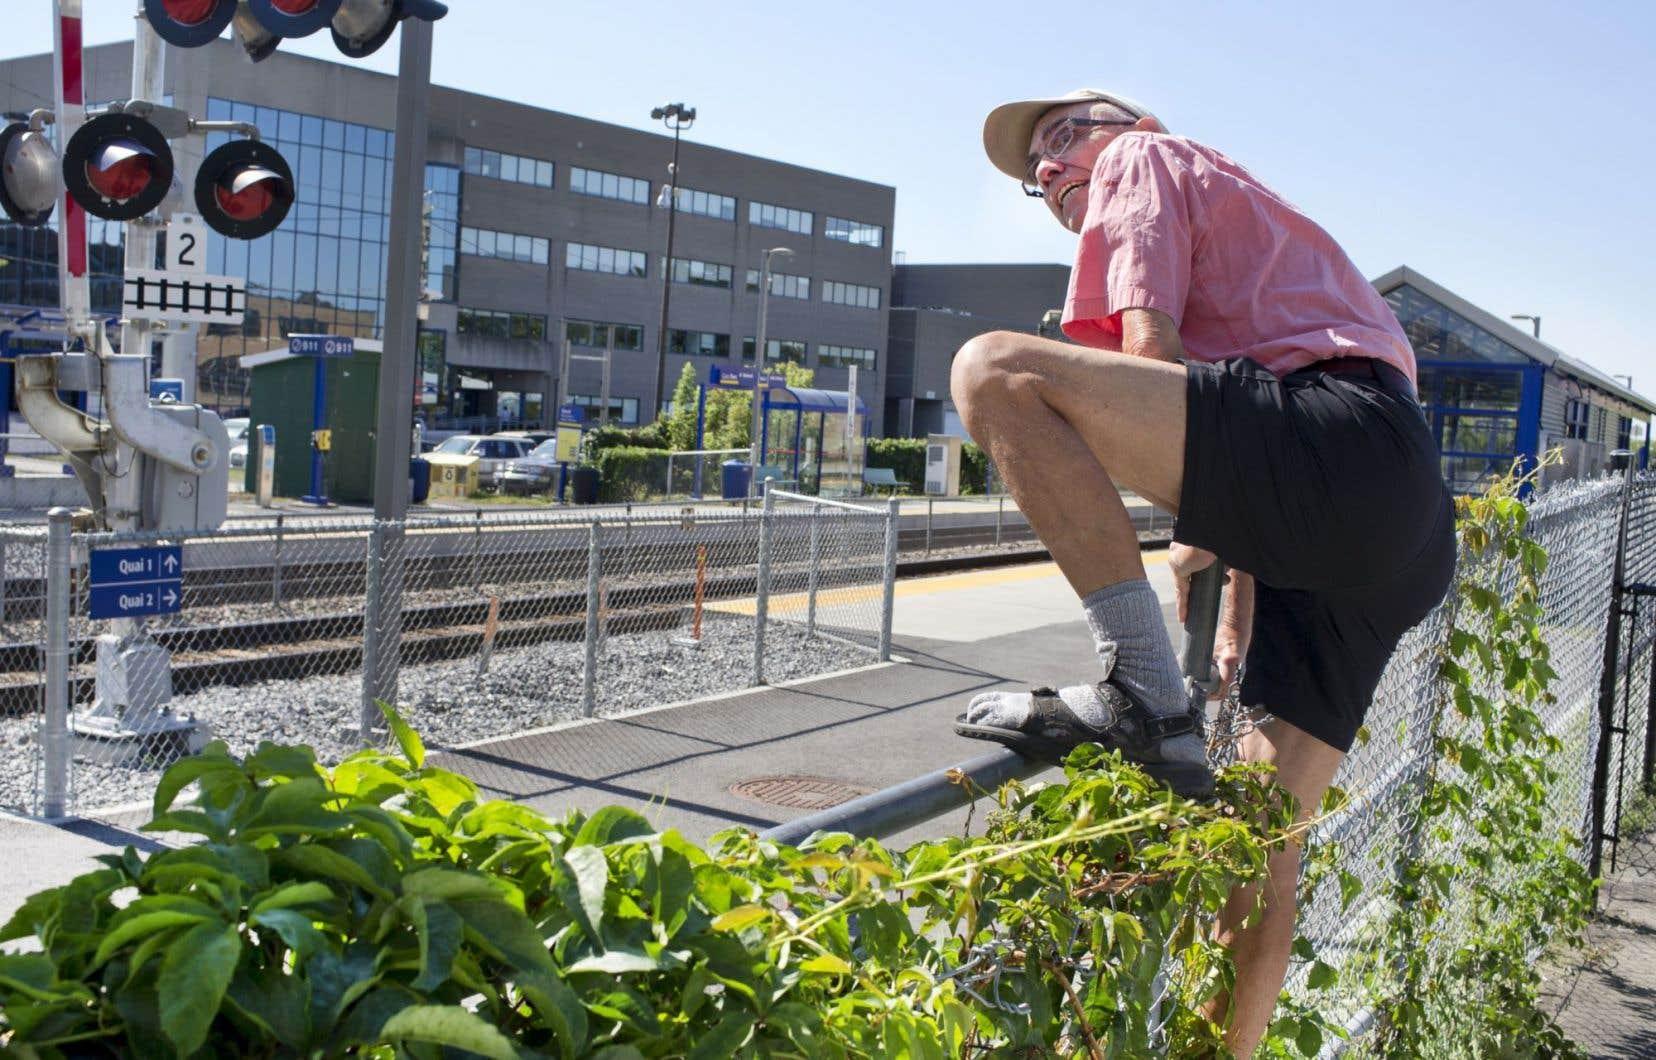 Alors que le litige entre la Ville de Montréal et le Canadien Pacifique perdure, les citoyens continuent de traverser les voies illégalement.